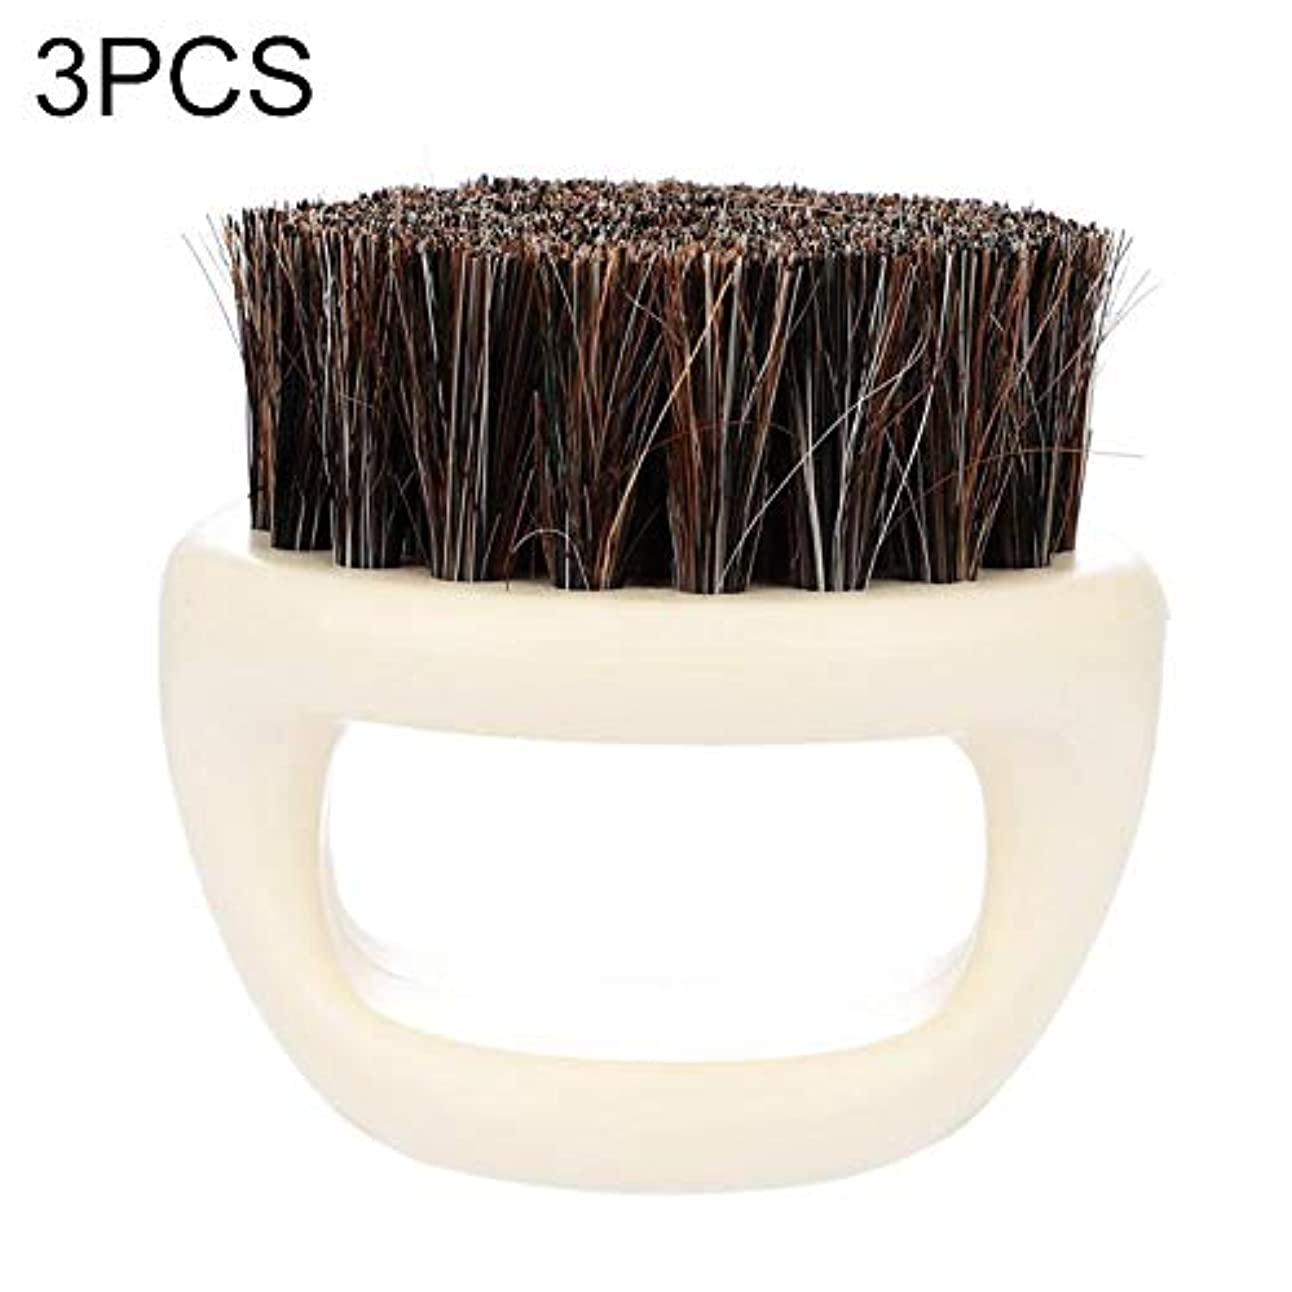 暗殺者喪手書きWTYD 美容ヘアツール 3 PCSメンズリングデザインポータブルボアブラシホワイトABSヘアカットクリーニングシェービングブラシ (色 : Black)